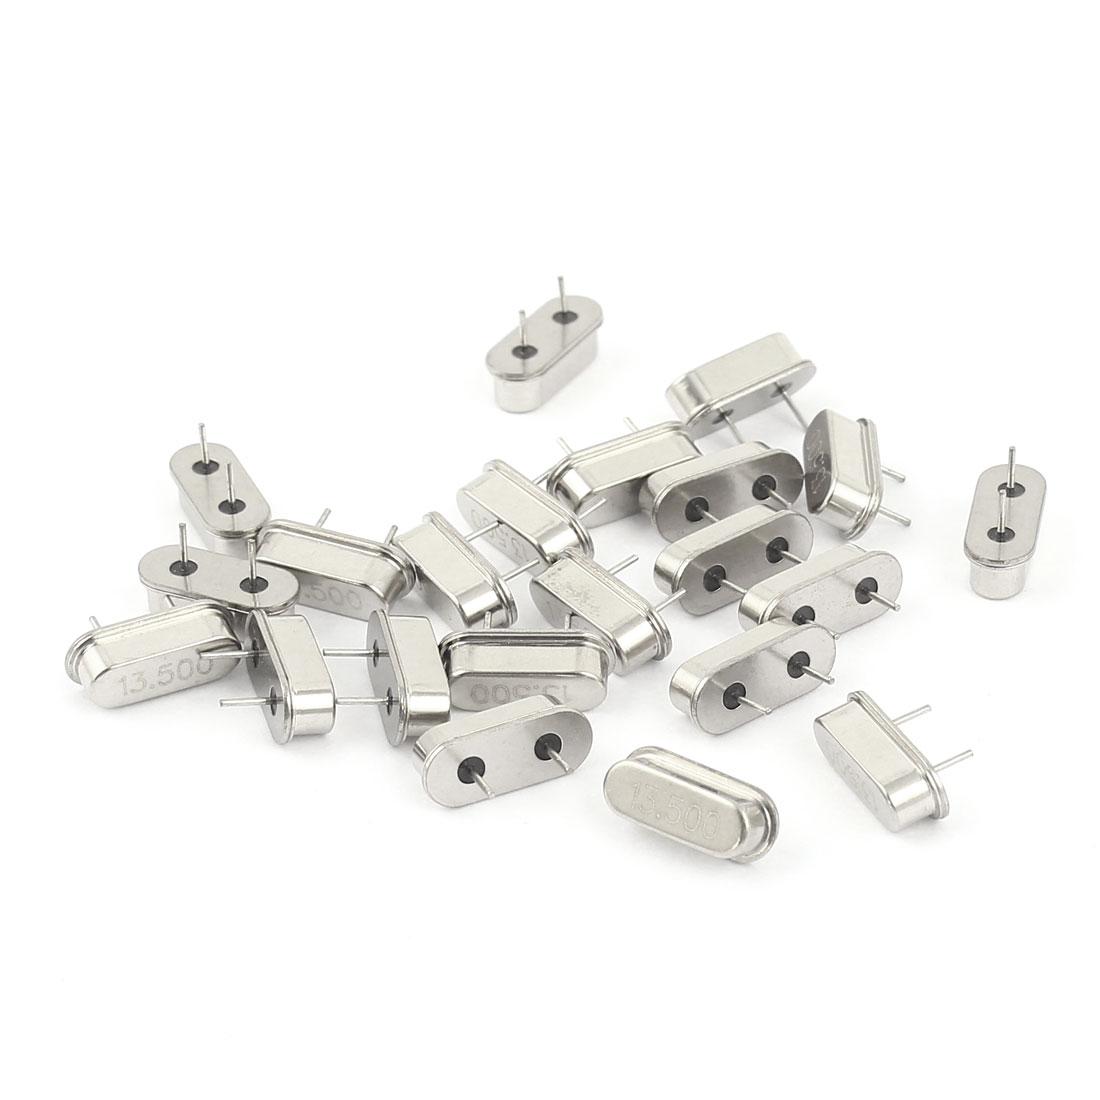 20 Pieces 13.5MHZ DIP Passive Quartz Crystal Oscillators Silver Tone HC-49S